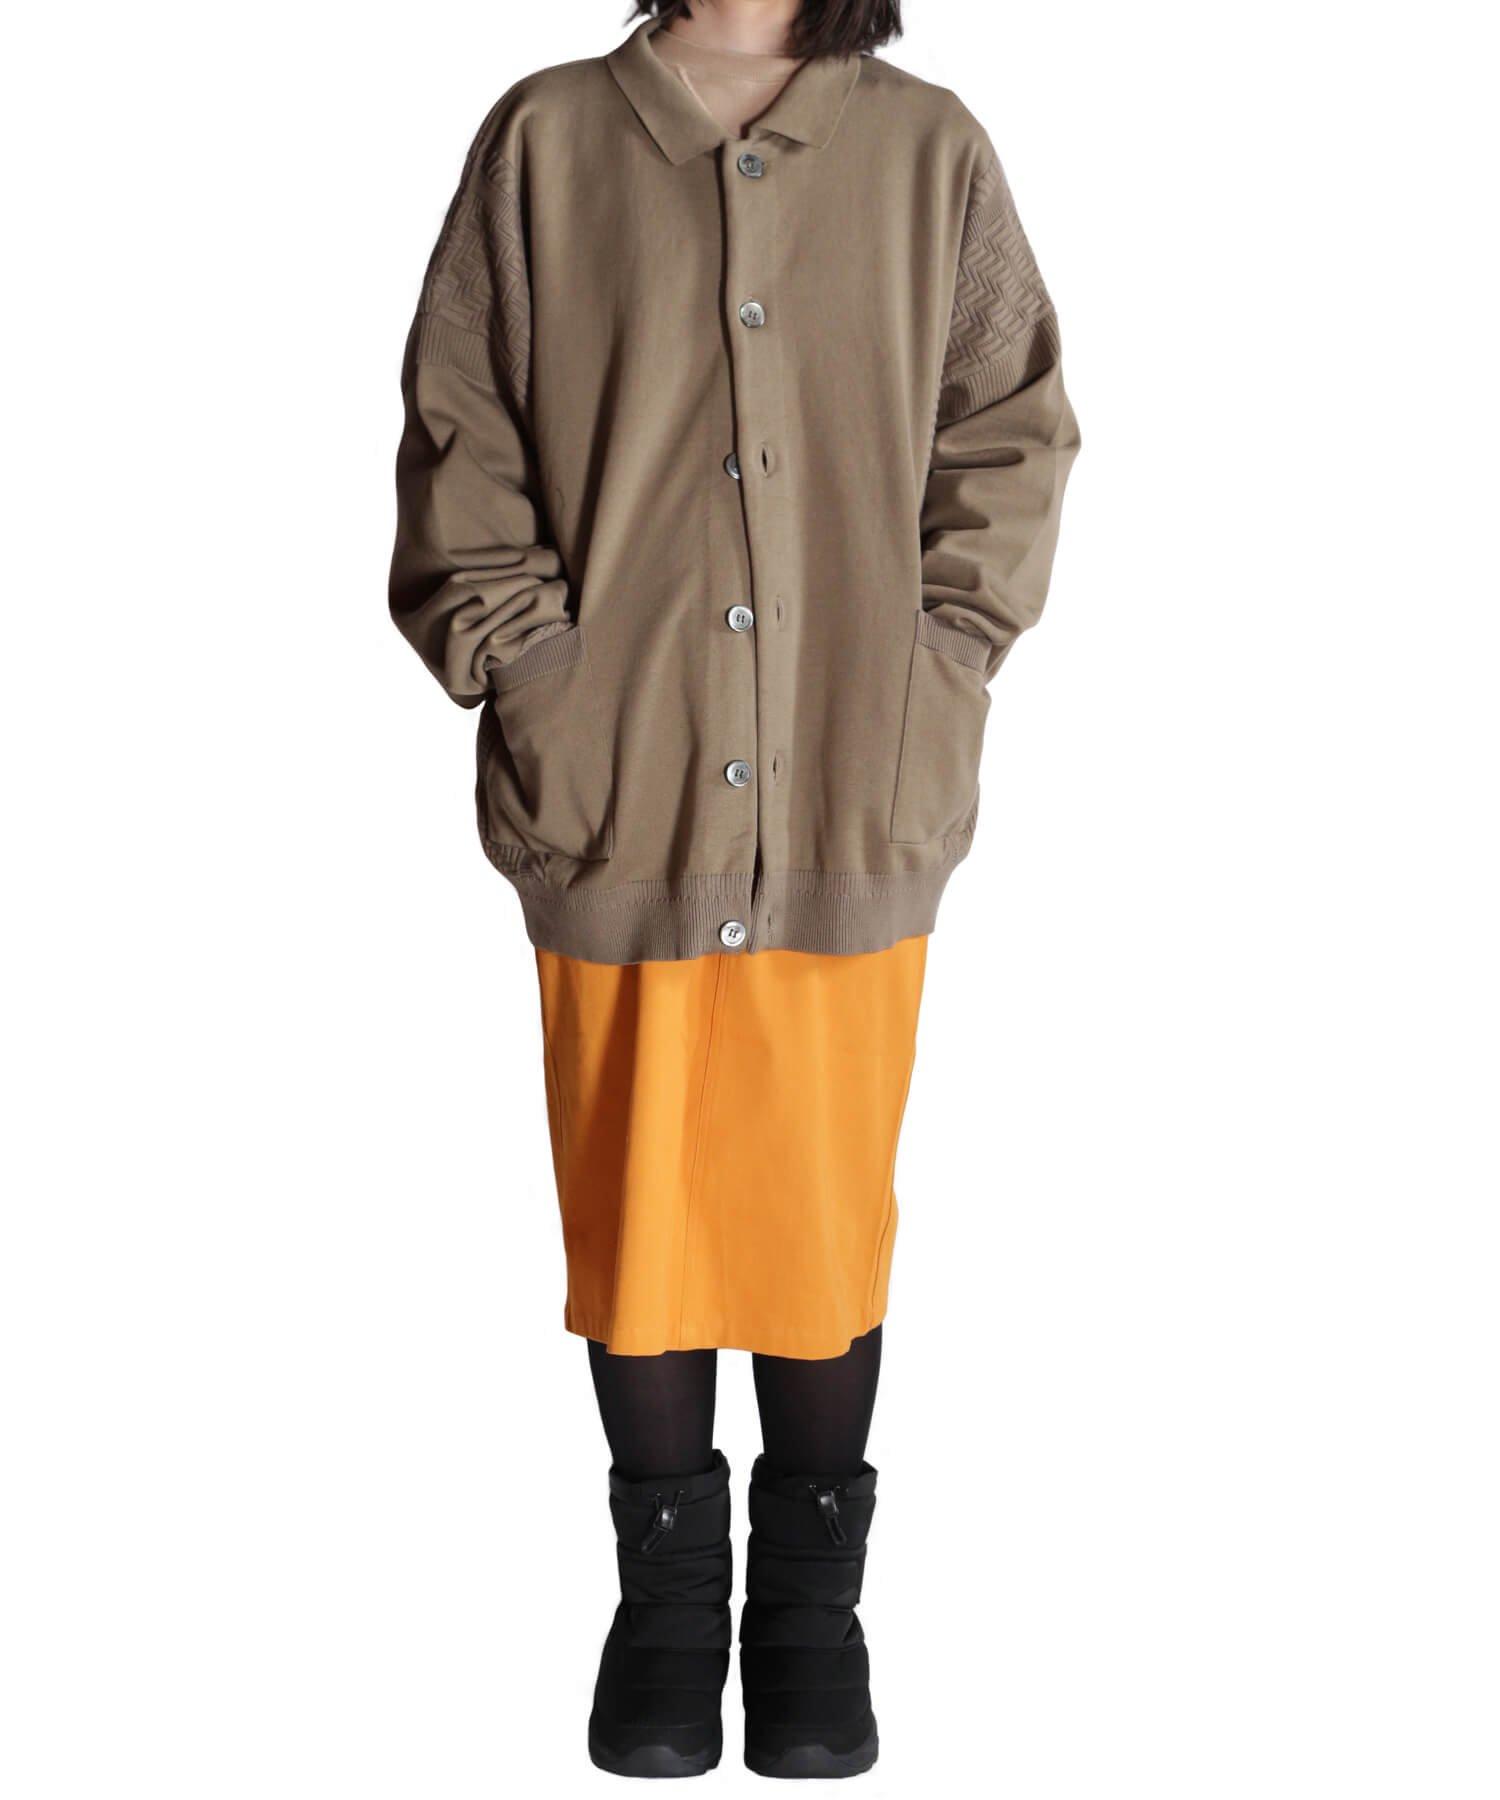 COOKMAN / クックマン   BAKER'S SKIRT (MUSTARD):ベイカーズスカート商品画像13